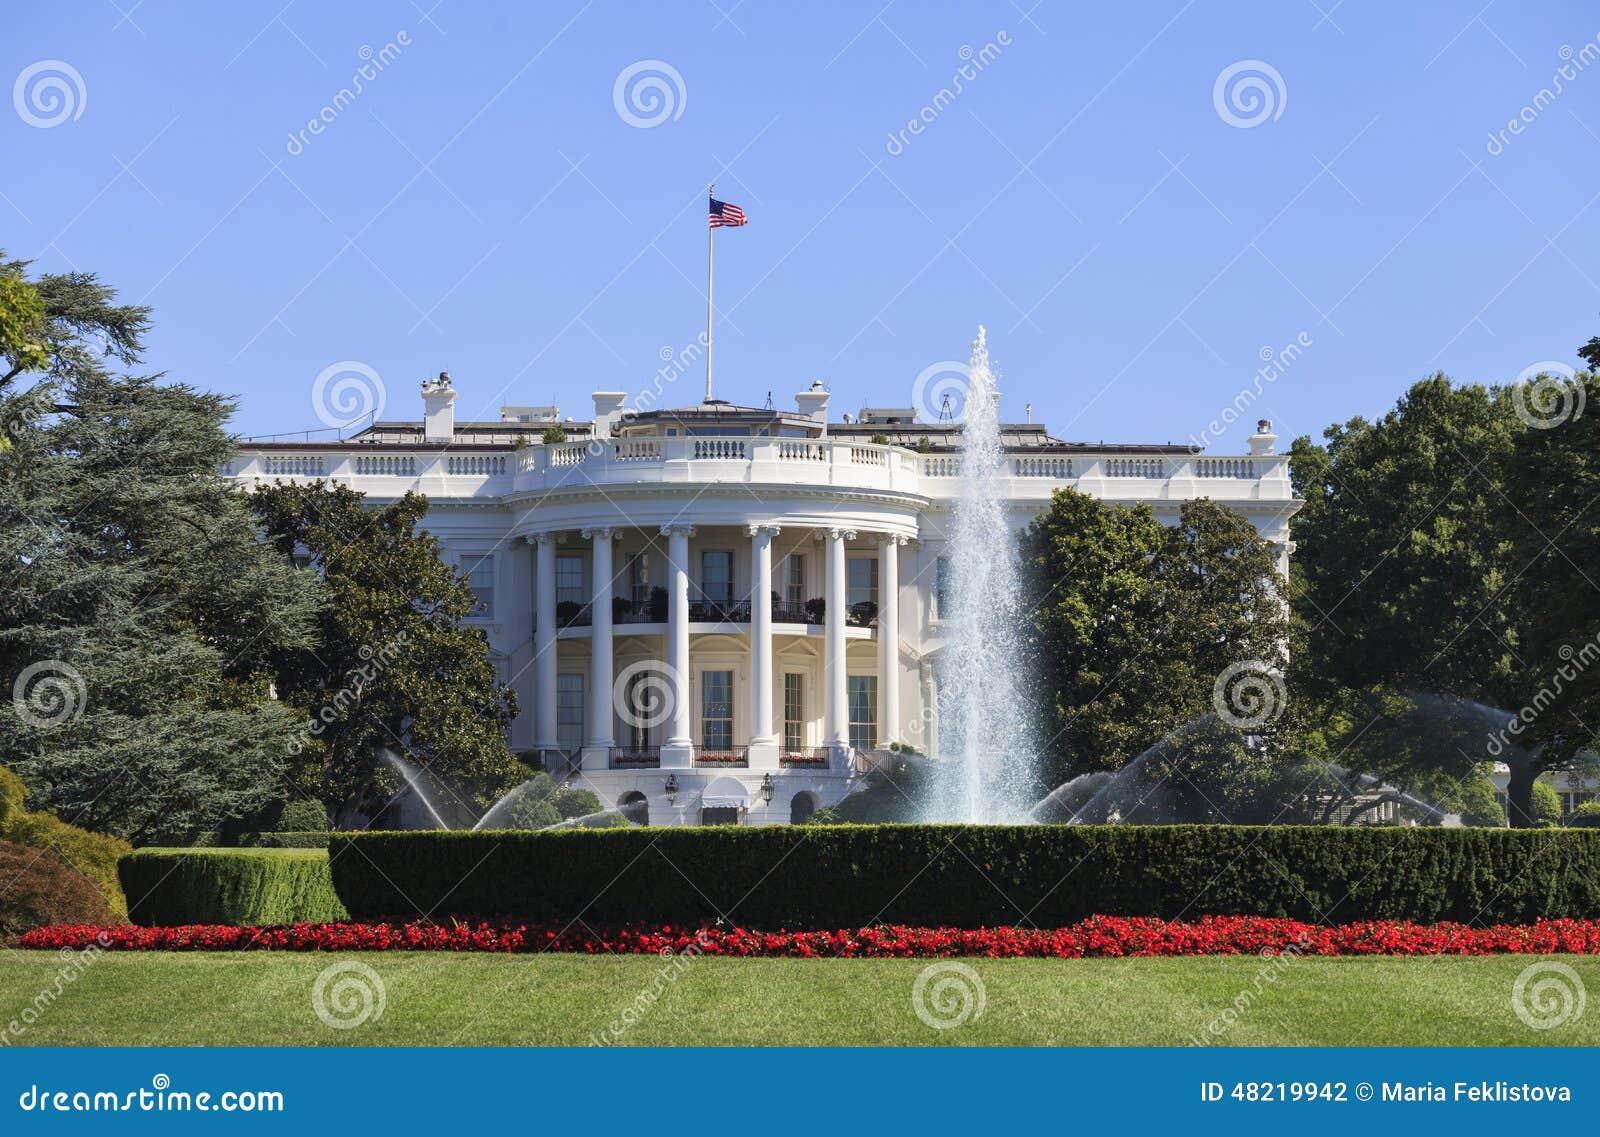 La maison blanche est la résidence principale et le lieu de travail principal du président des états unis situés à lavenue 1600 de la pennsylvanie le